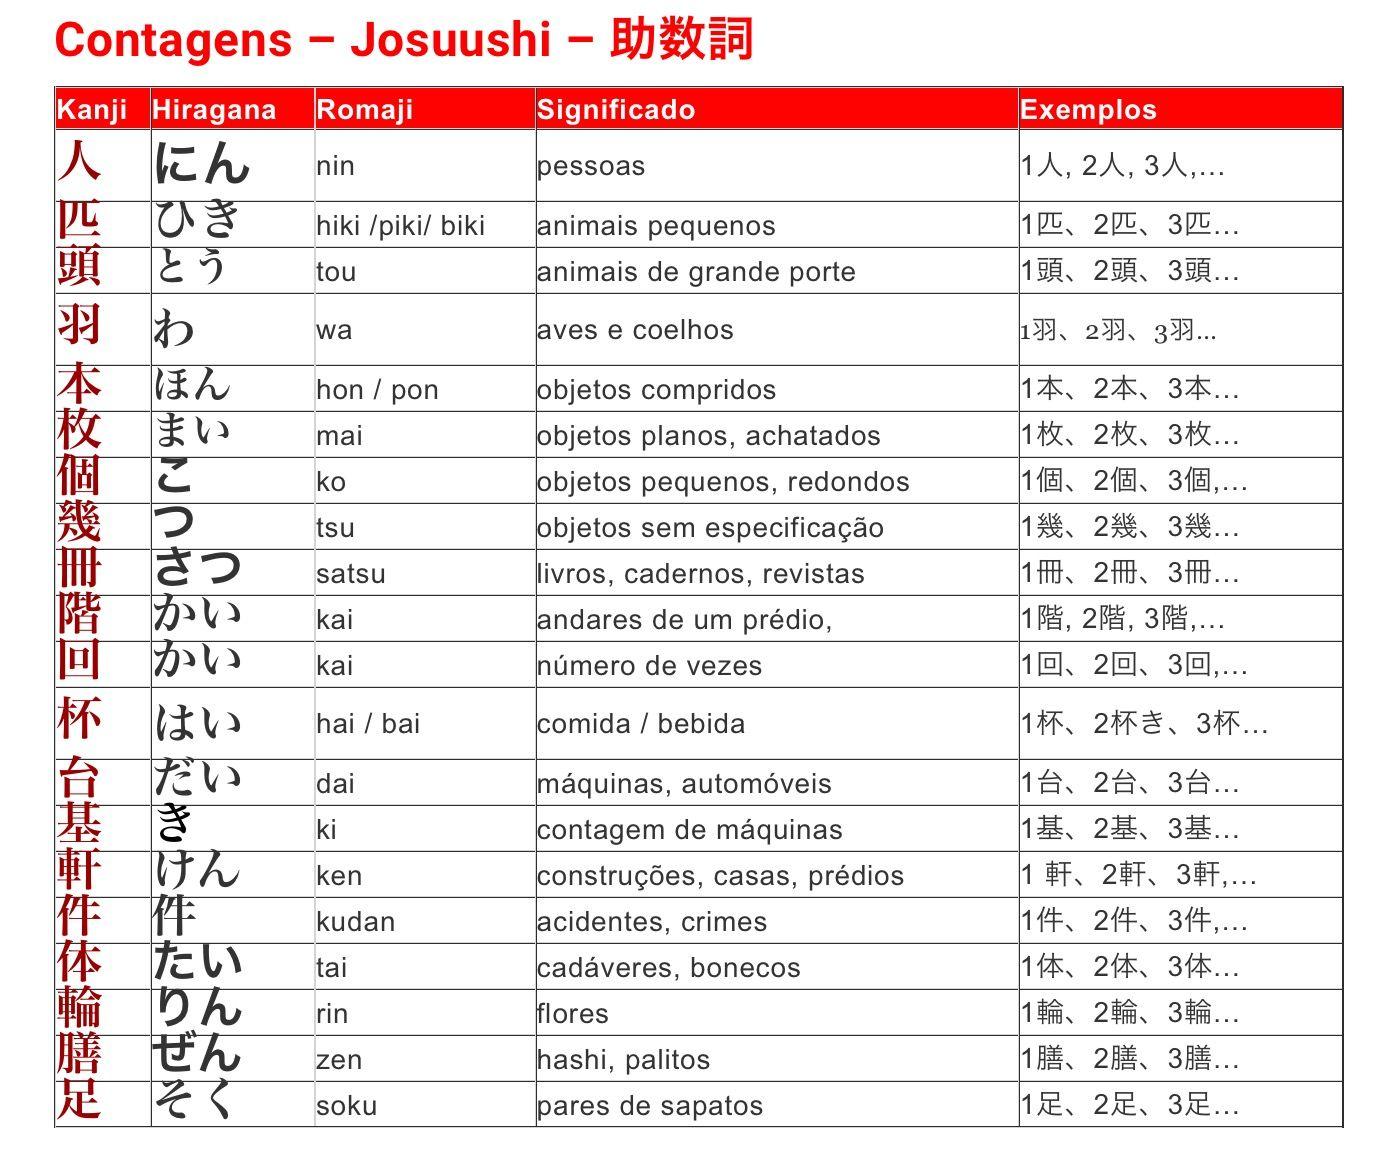 Numeros Suuji E Contagens Josuushi Em 2020 Palavras